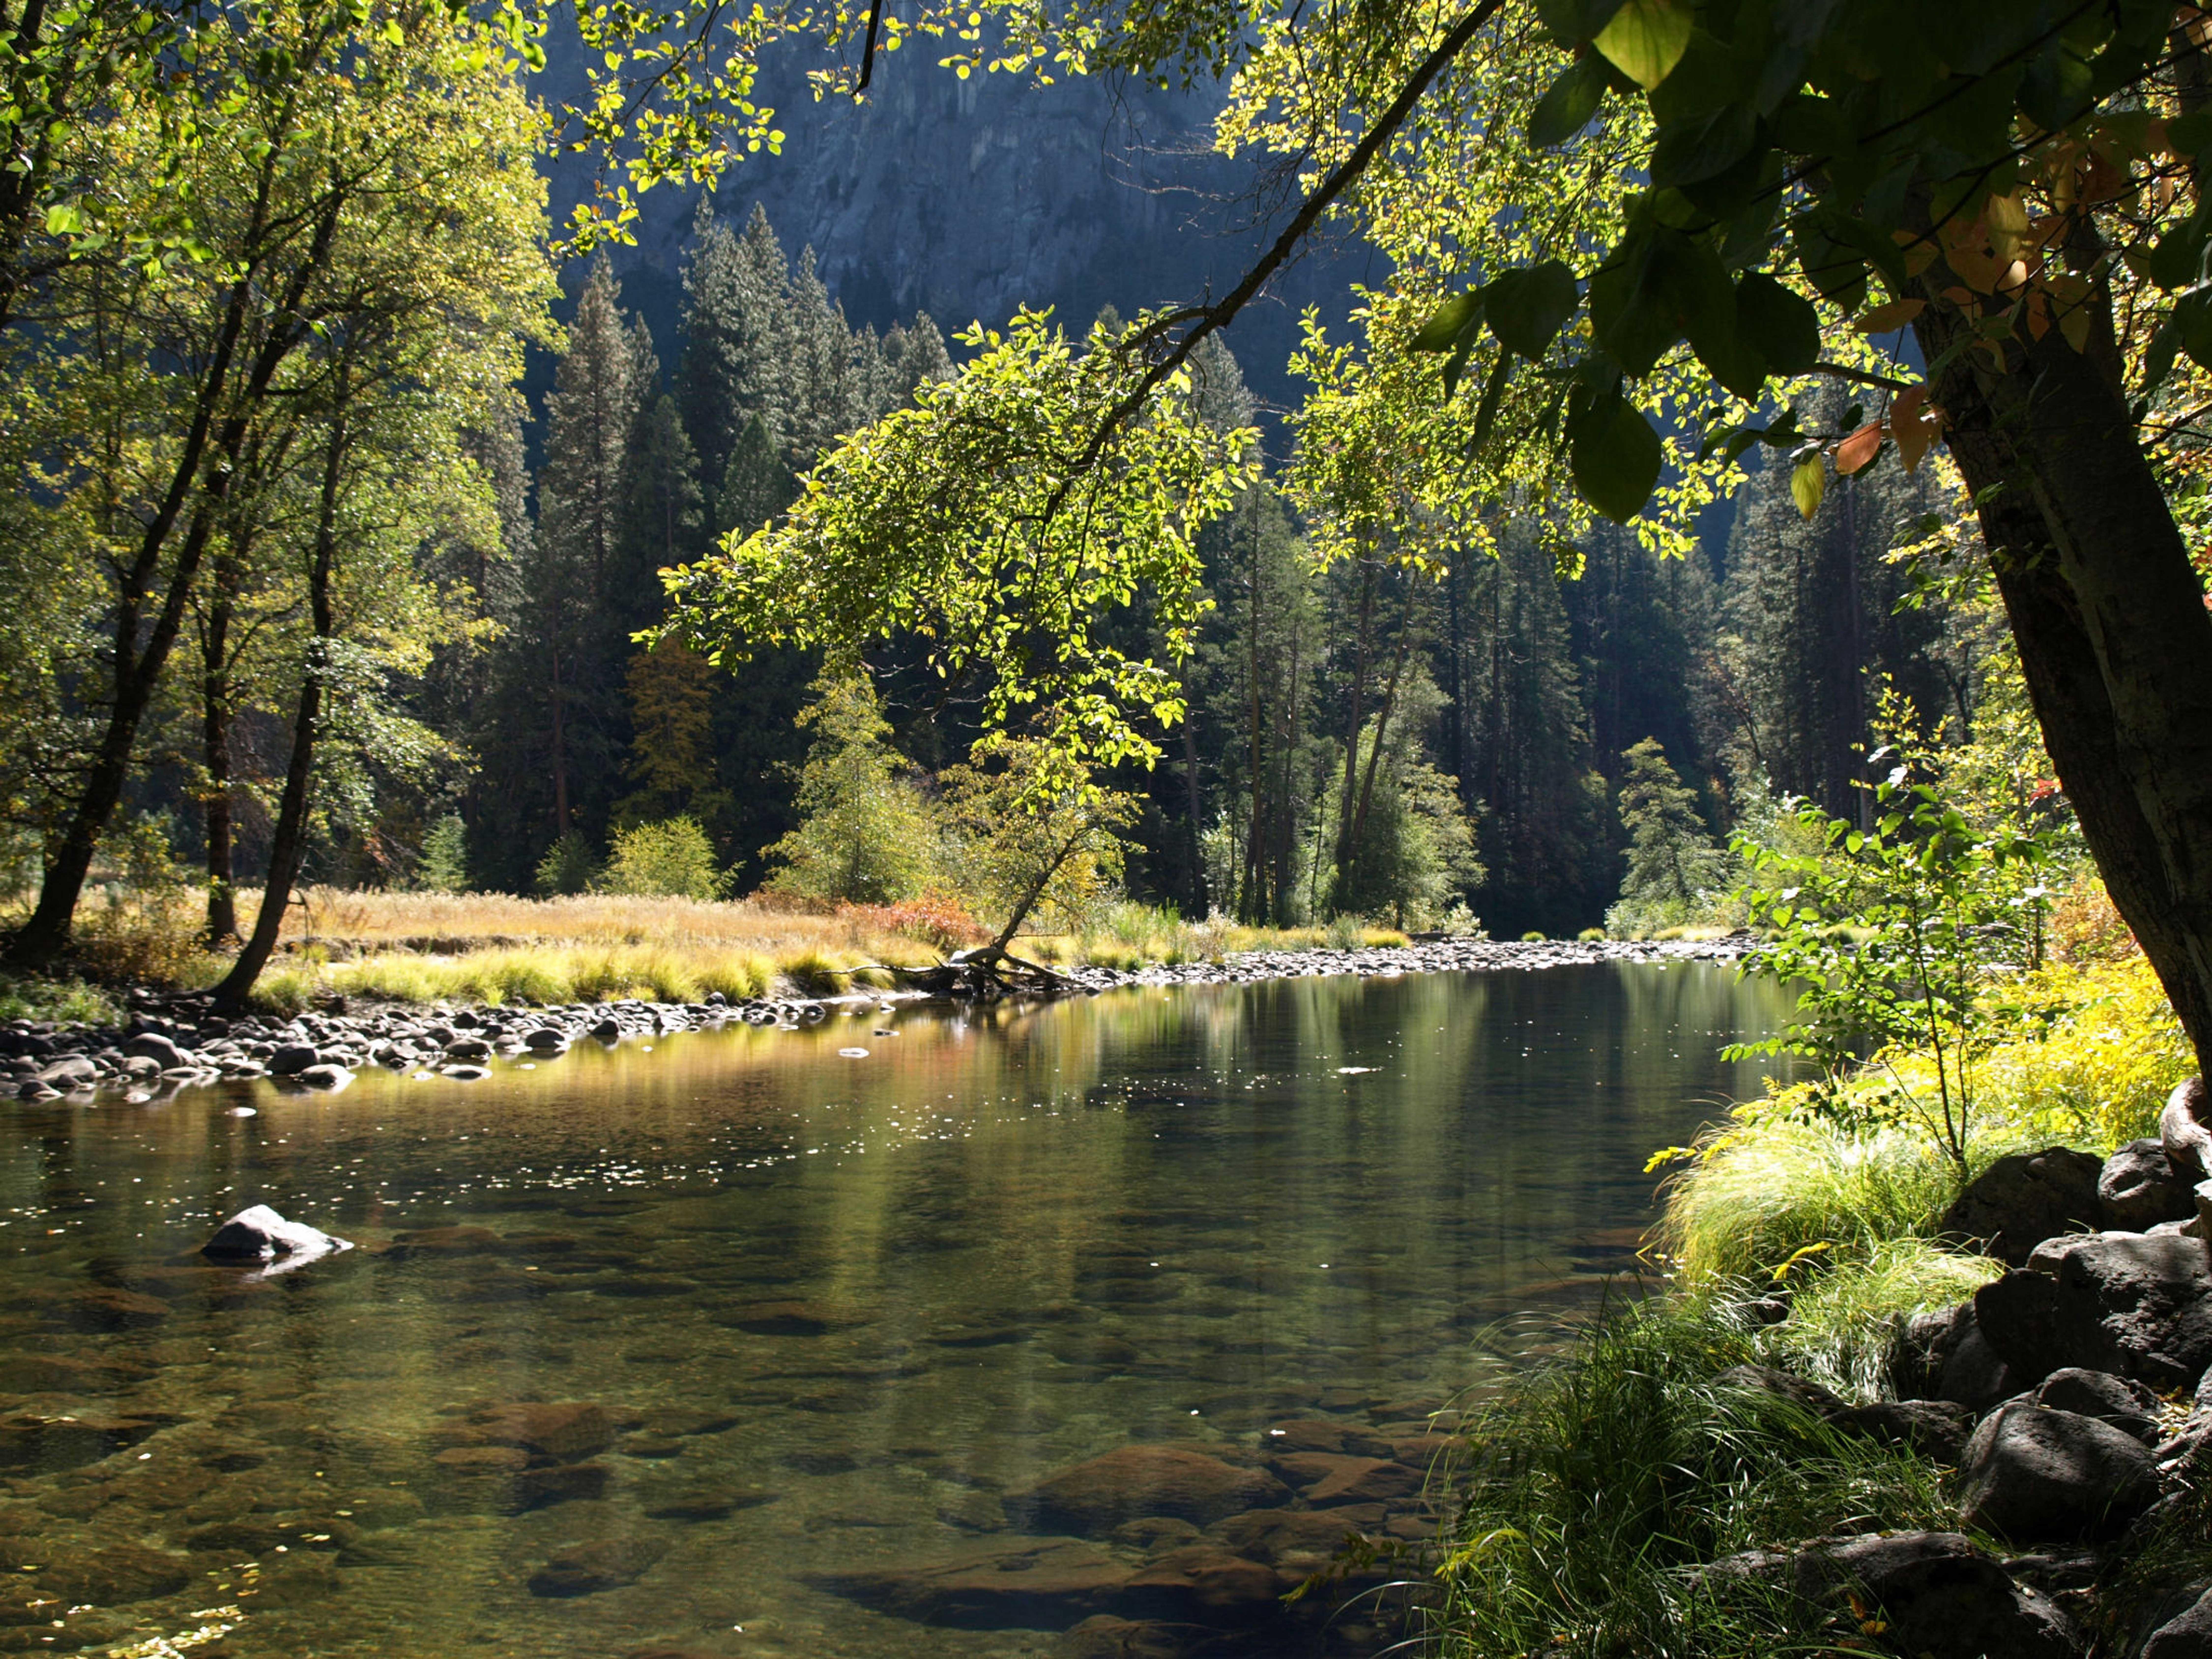 Чистейшие воды реки в лесу